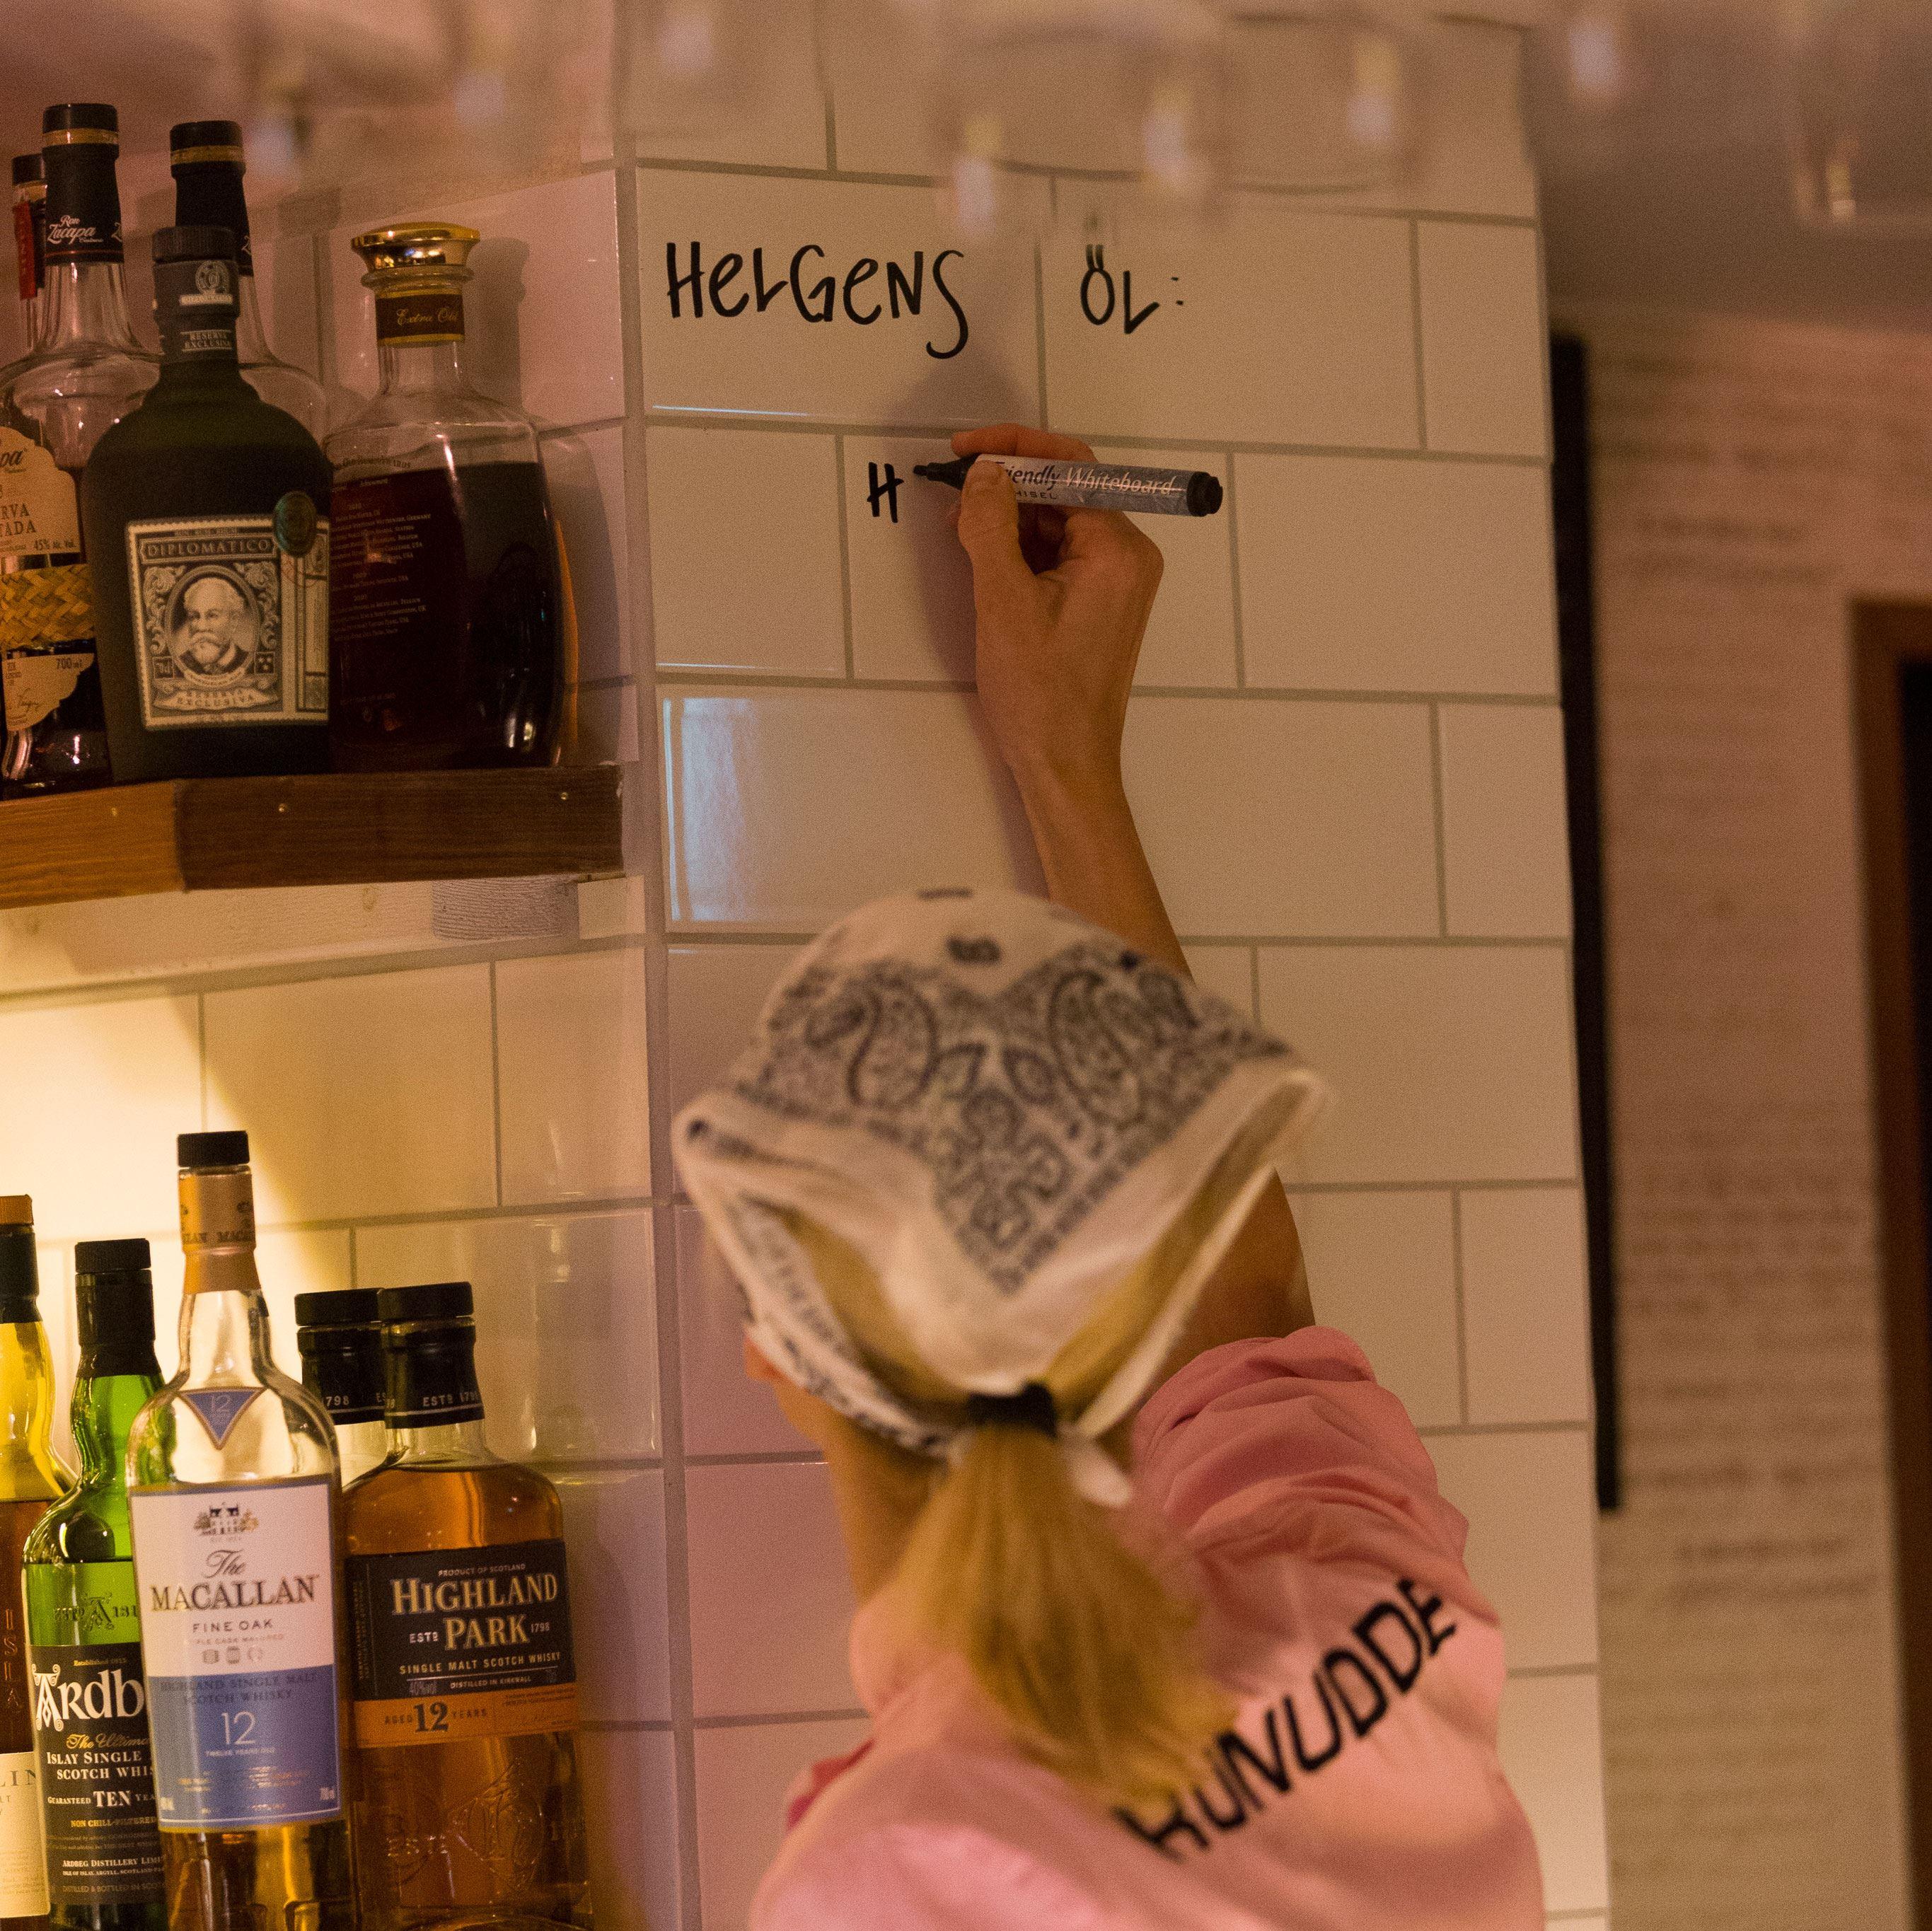 Foto: Brunkulla Brasserie,  © Copy: Brunkullan Brasserie, Brunkullan Brasserie